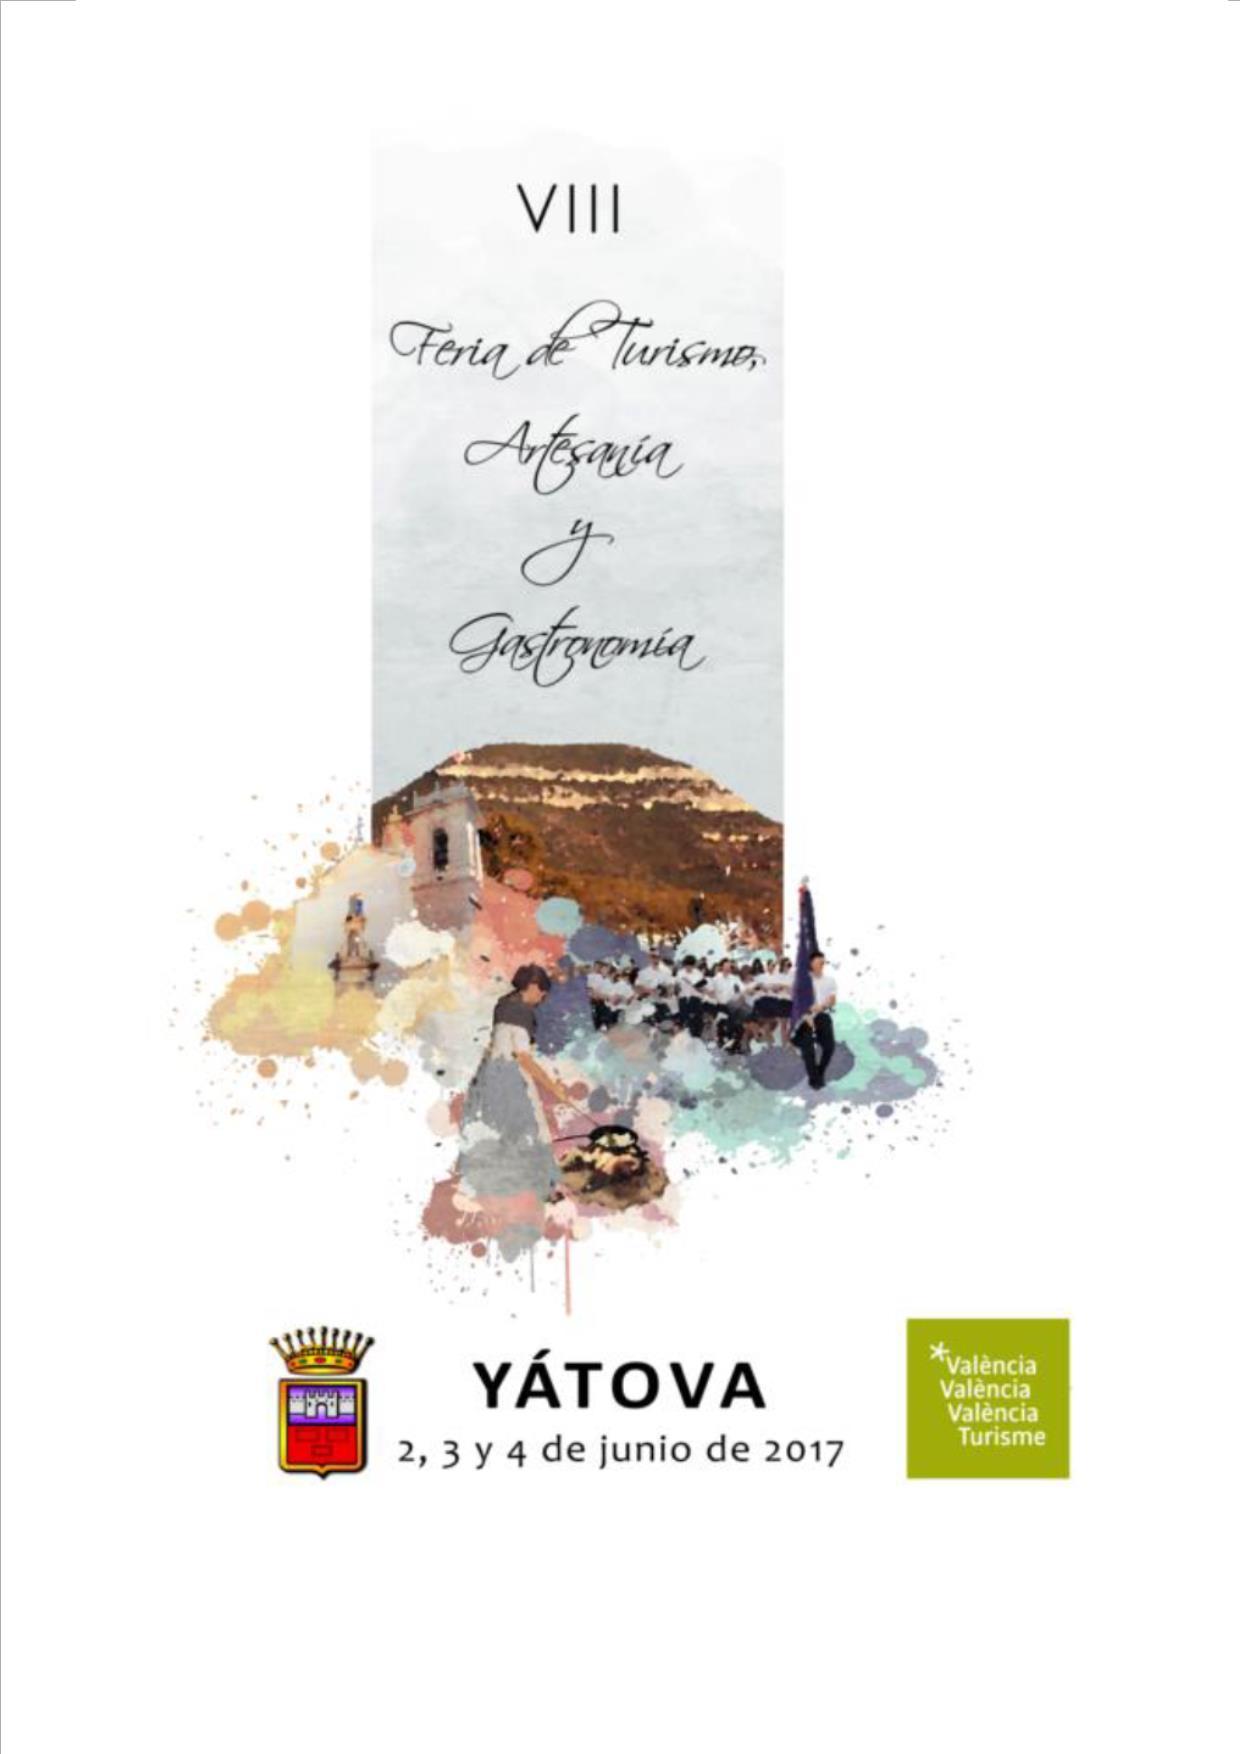 Cartel de la octava edición de la Feria de Turismo, Artesanía y Gastronomía de Yátova.